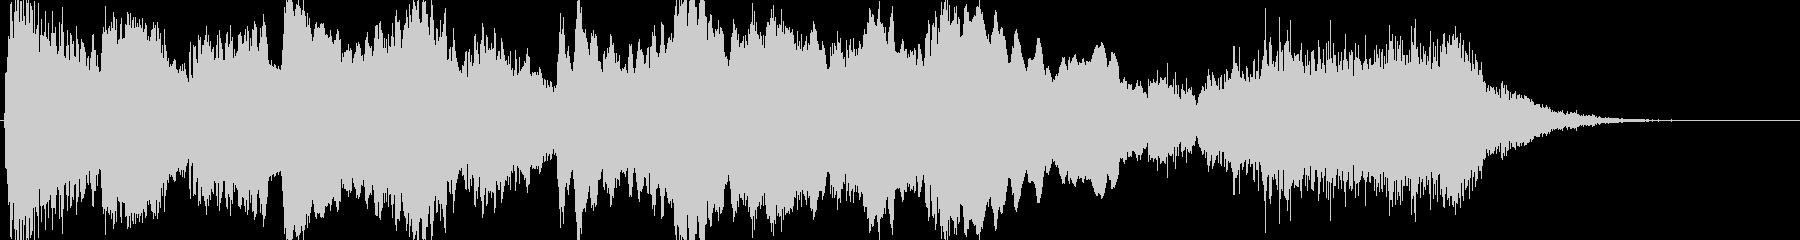 ホラーなファンファーレの未再生の波形